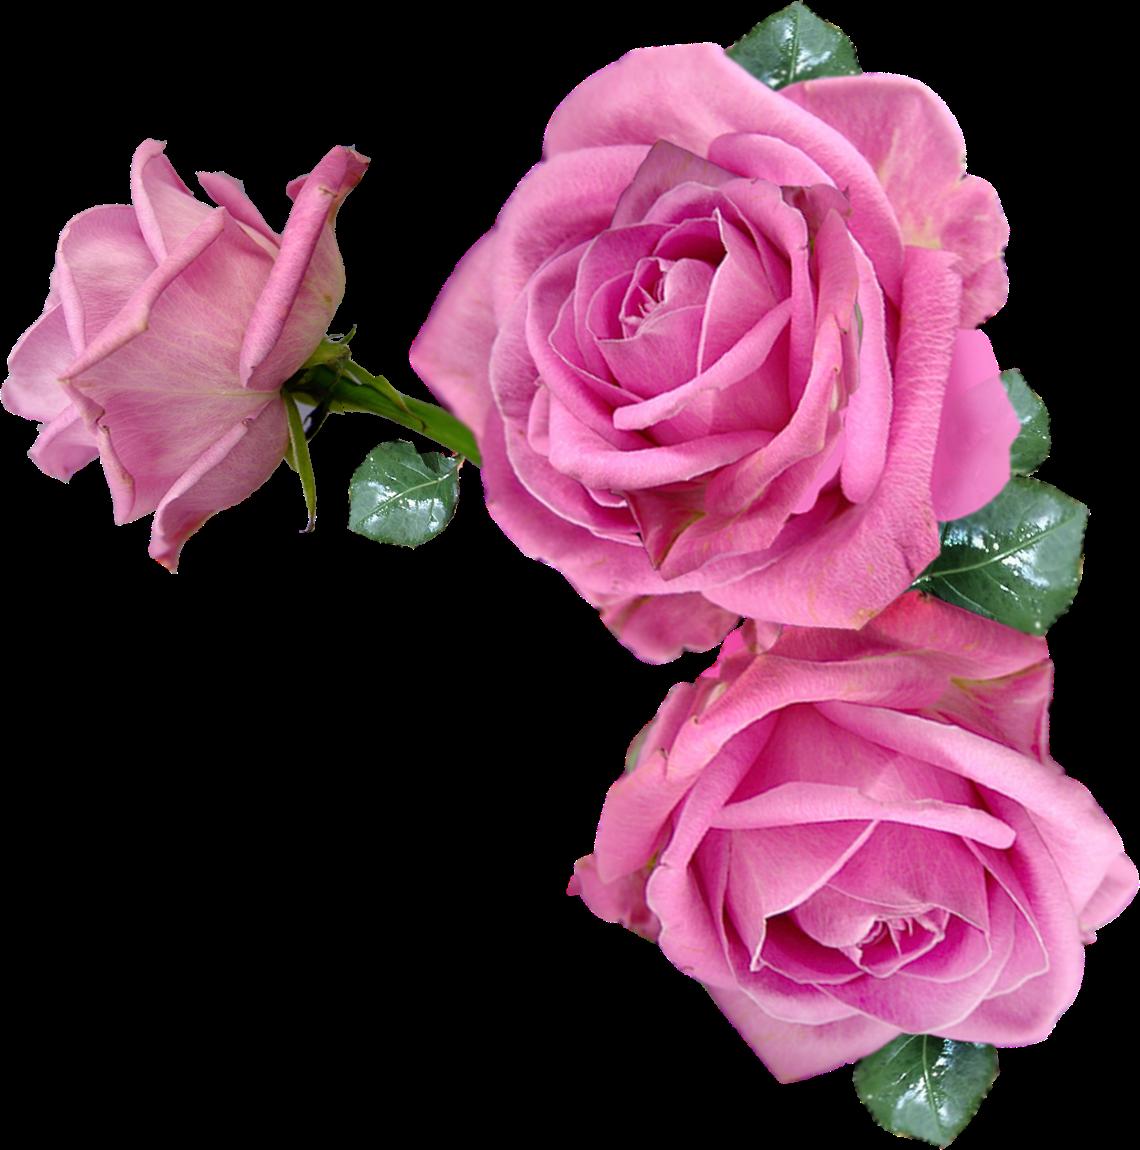 Обои gift, сердечки, roses, розовые розы, I love you. Настроения